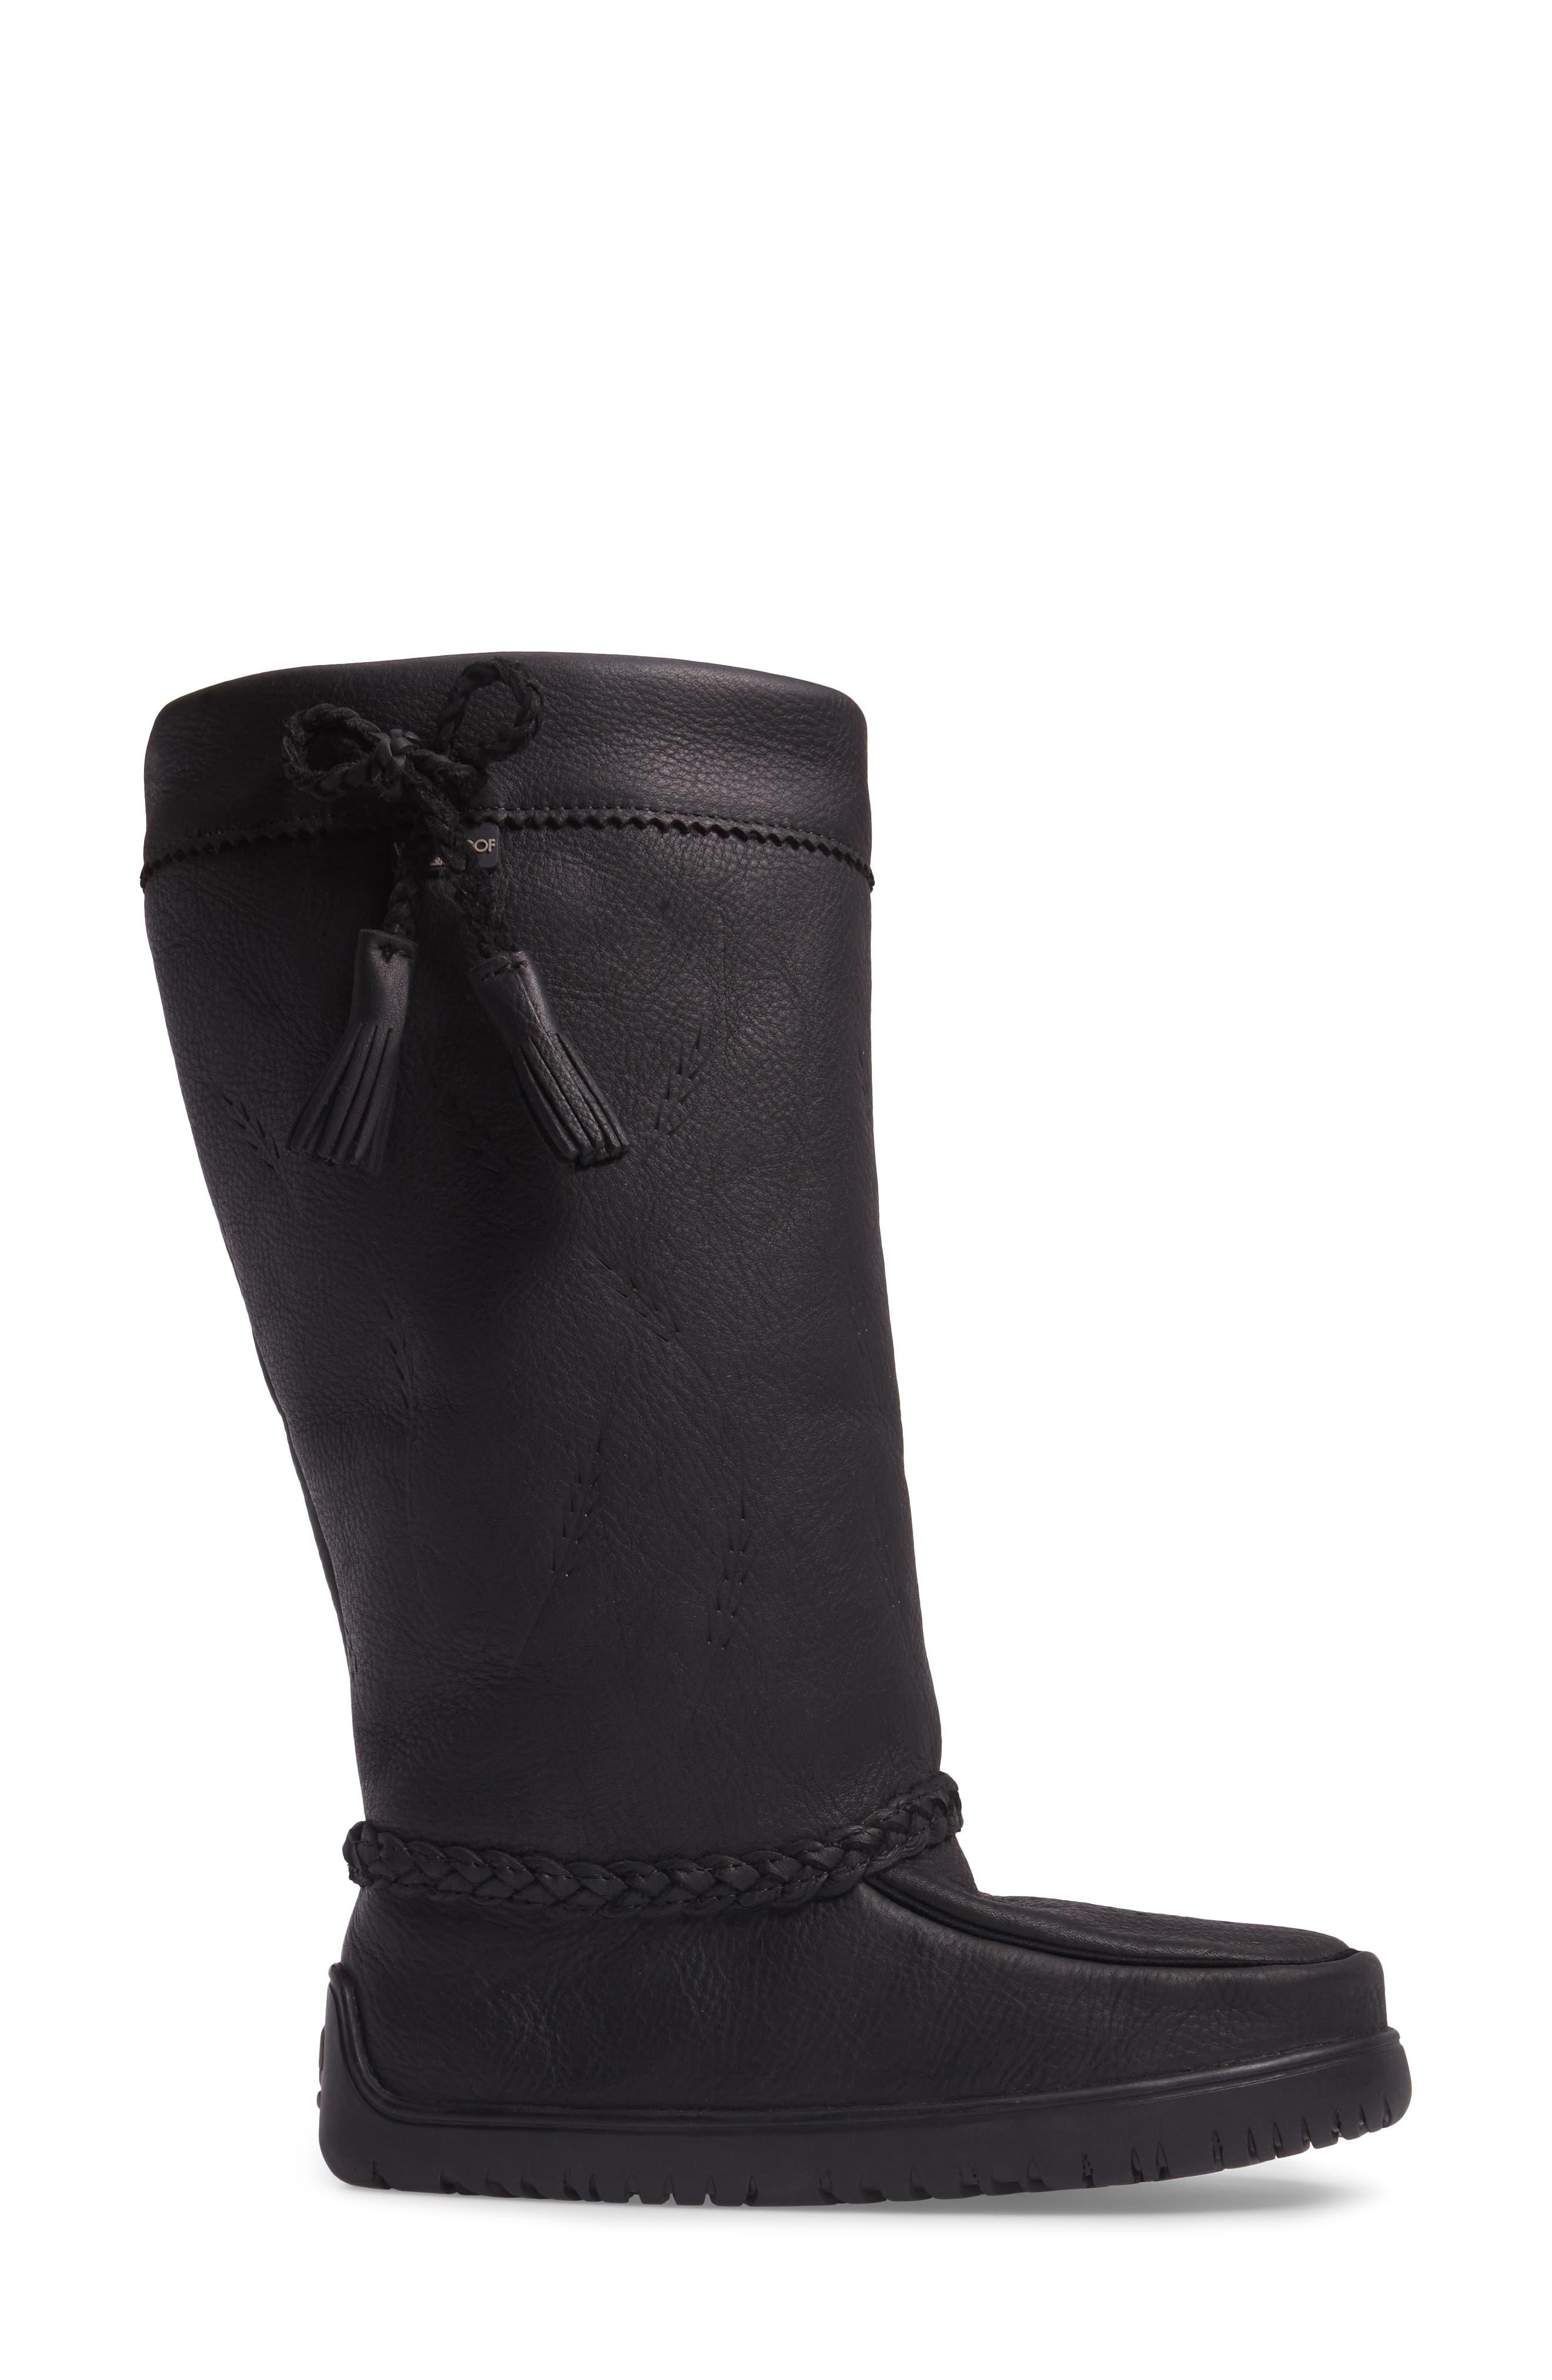 Alternate Image 3  - Manitobah Mukluks Tamarack Waterproof Genuine Shearling Boot (Women) (Wide Calf)